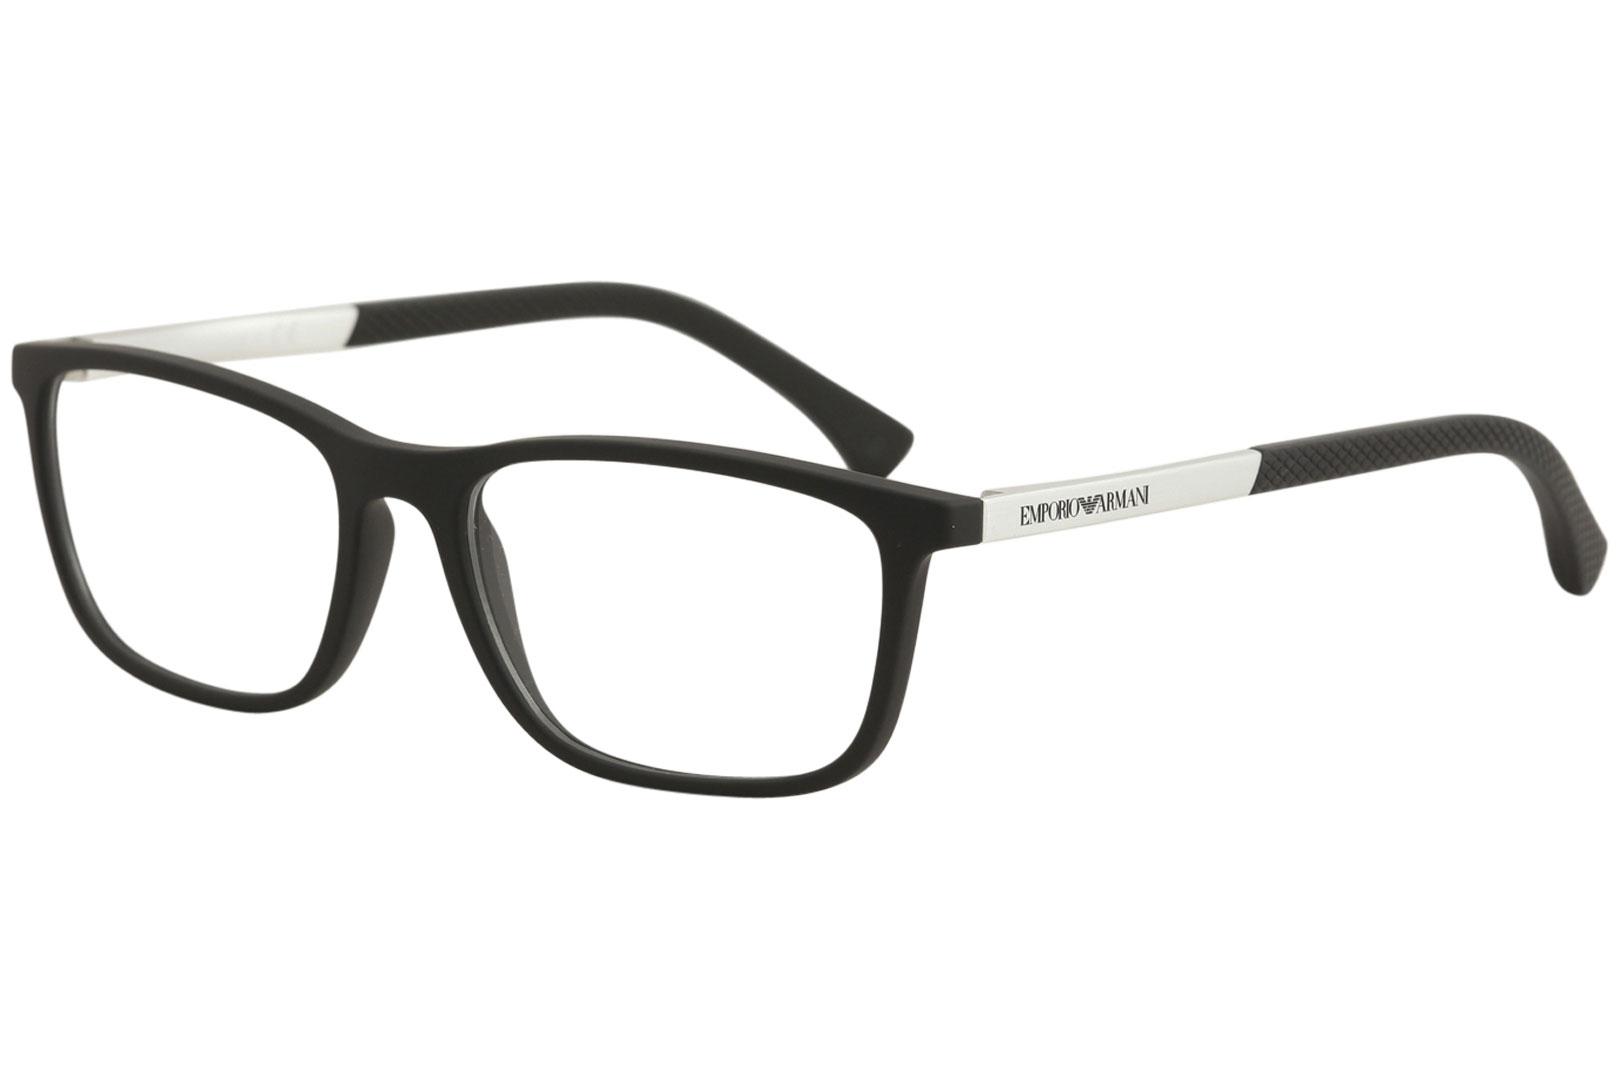 90199e3dbbf Emporio Armani Eyeglasses EA3069 EA 3069 5063 Black Rubber Optical ...